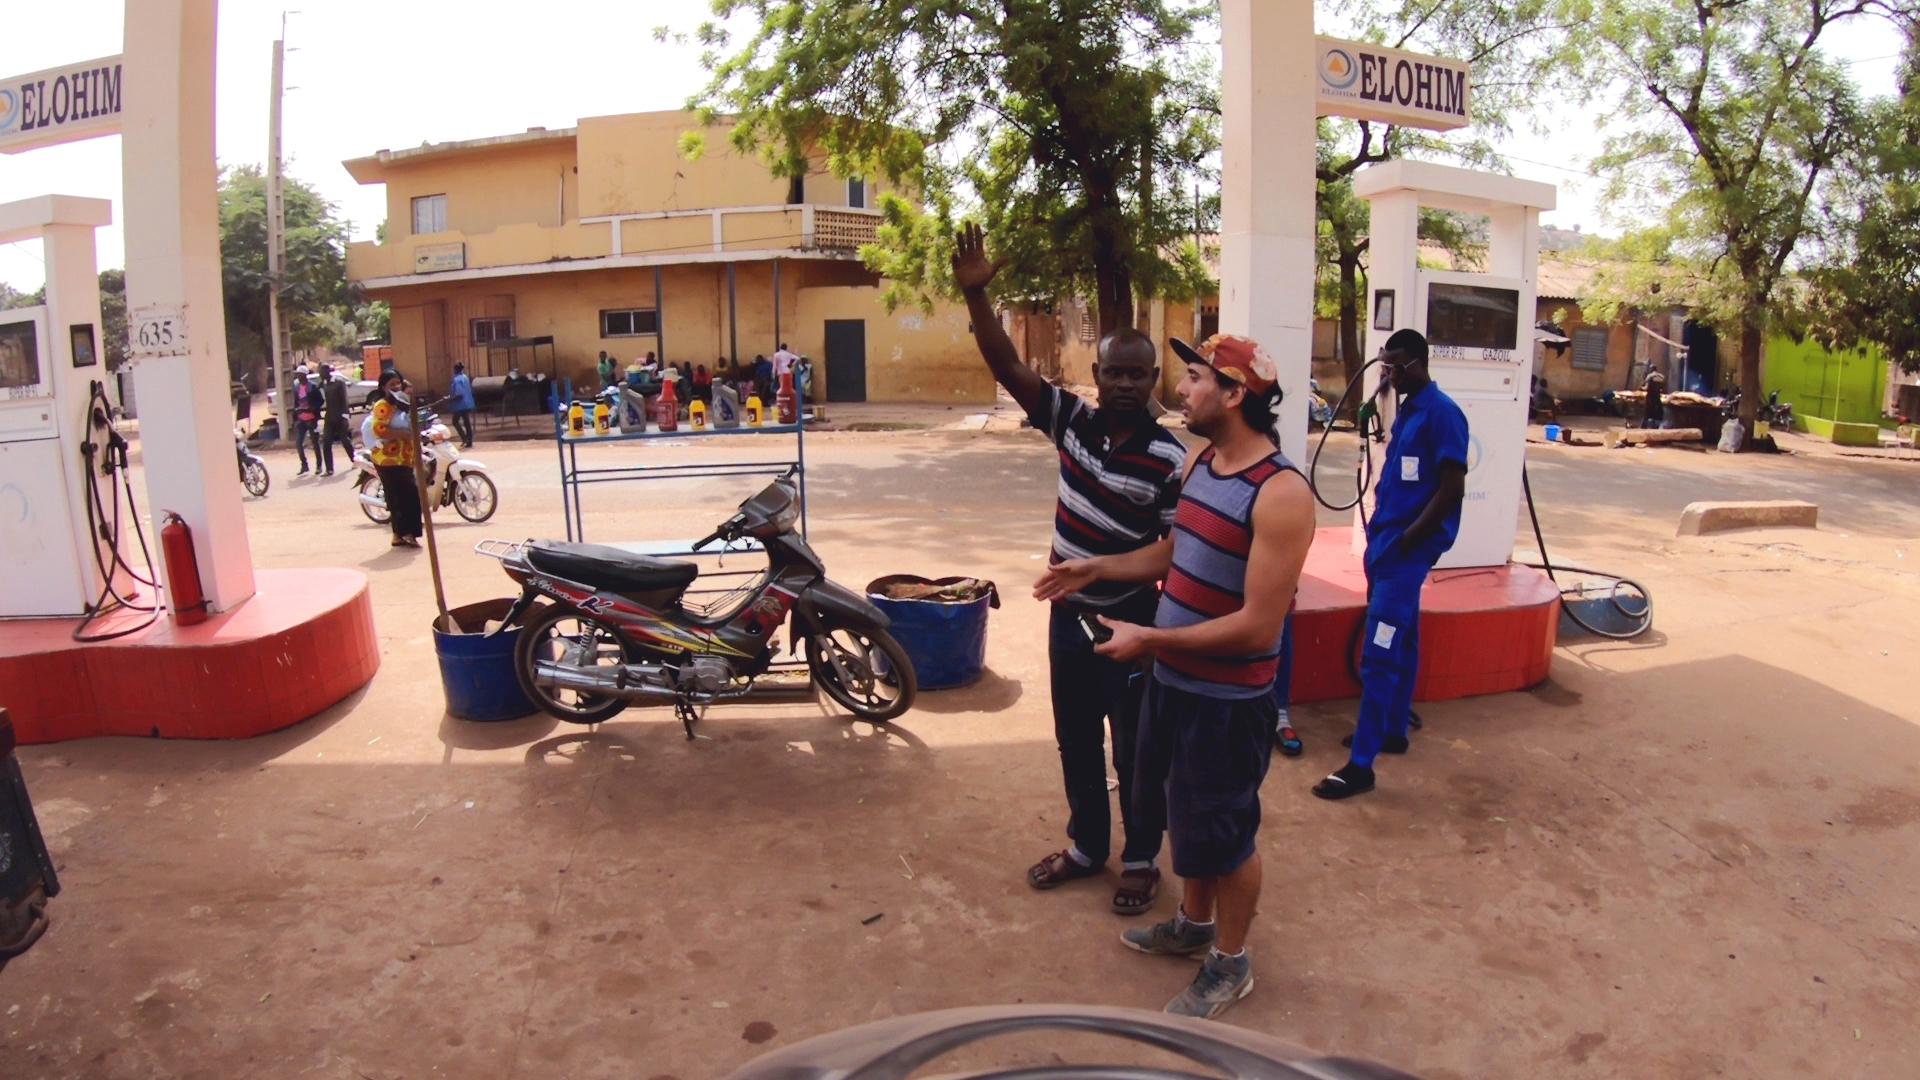 bandidocine pablocaminante bamako gasolinera - Mali 2, de Nioro a Ségou